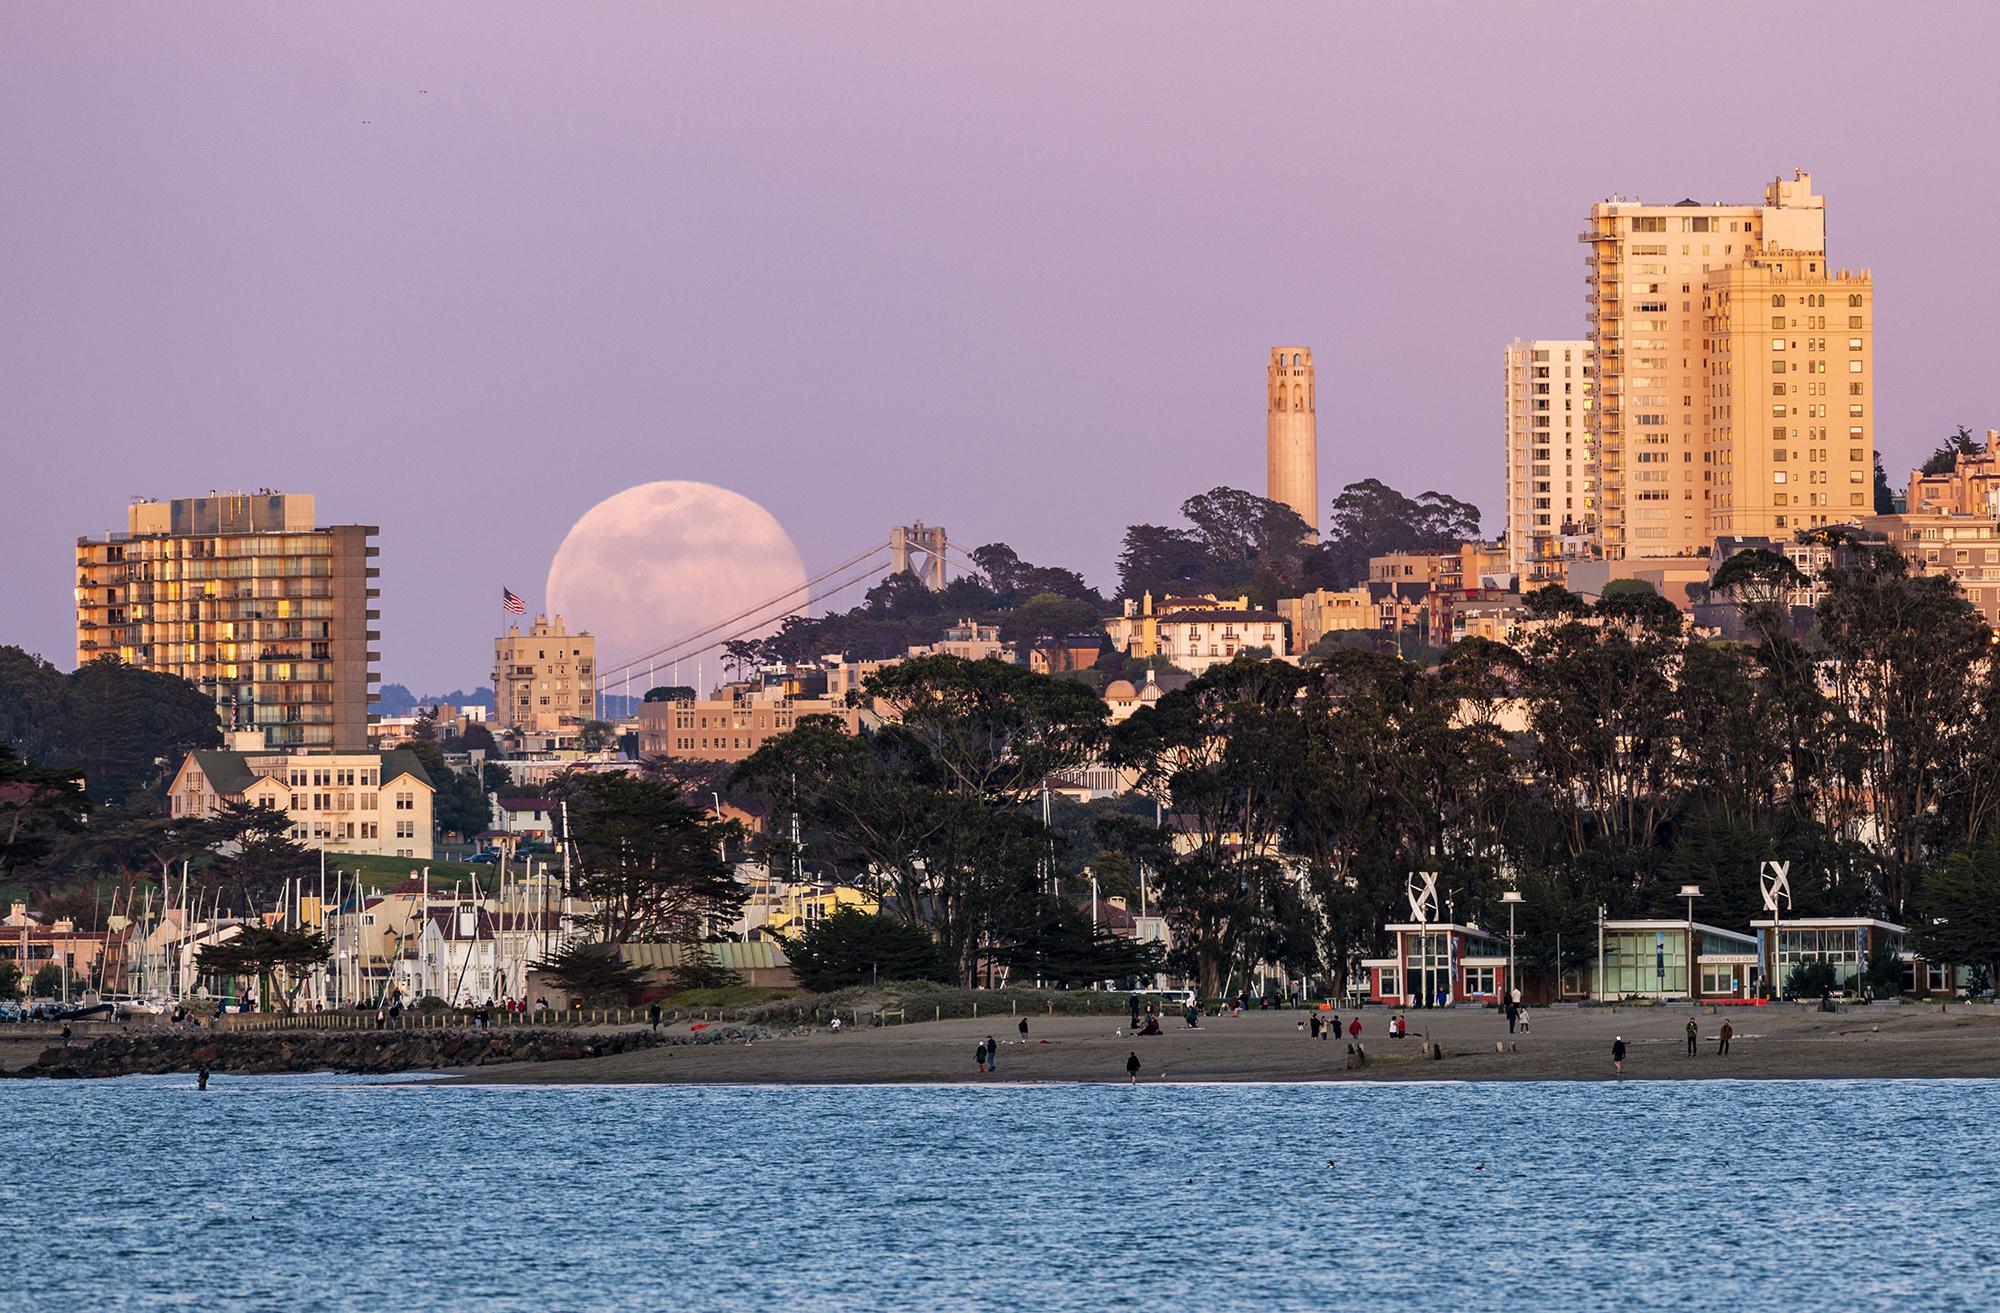 Розовая Луна поднимается надгоризонтом, пока люди наслаждаются свежим воздухом напляже. Приэтом повсей стране объявлен карантин покоронавирусу ирежим самоизоляции. Сан-Франциско, штат Калифорния, США.